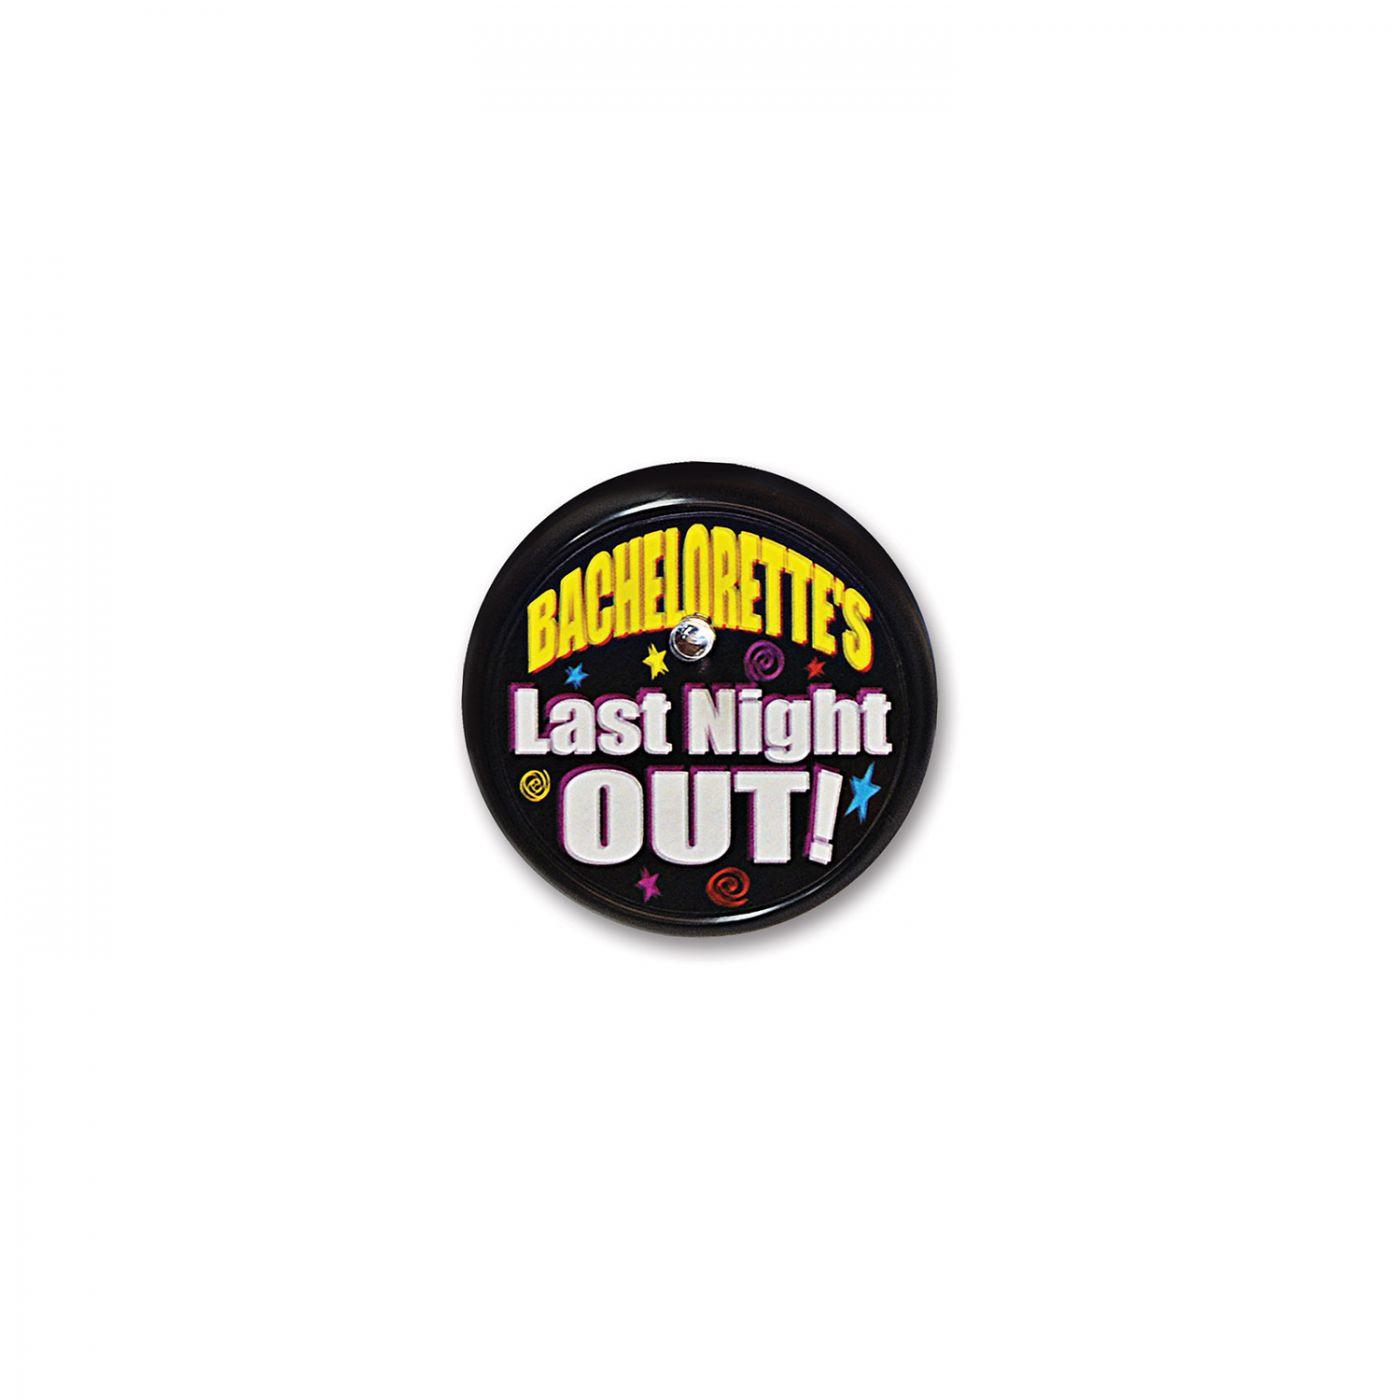 Bachelorette's Last Night Blinking Btn (6) image